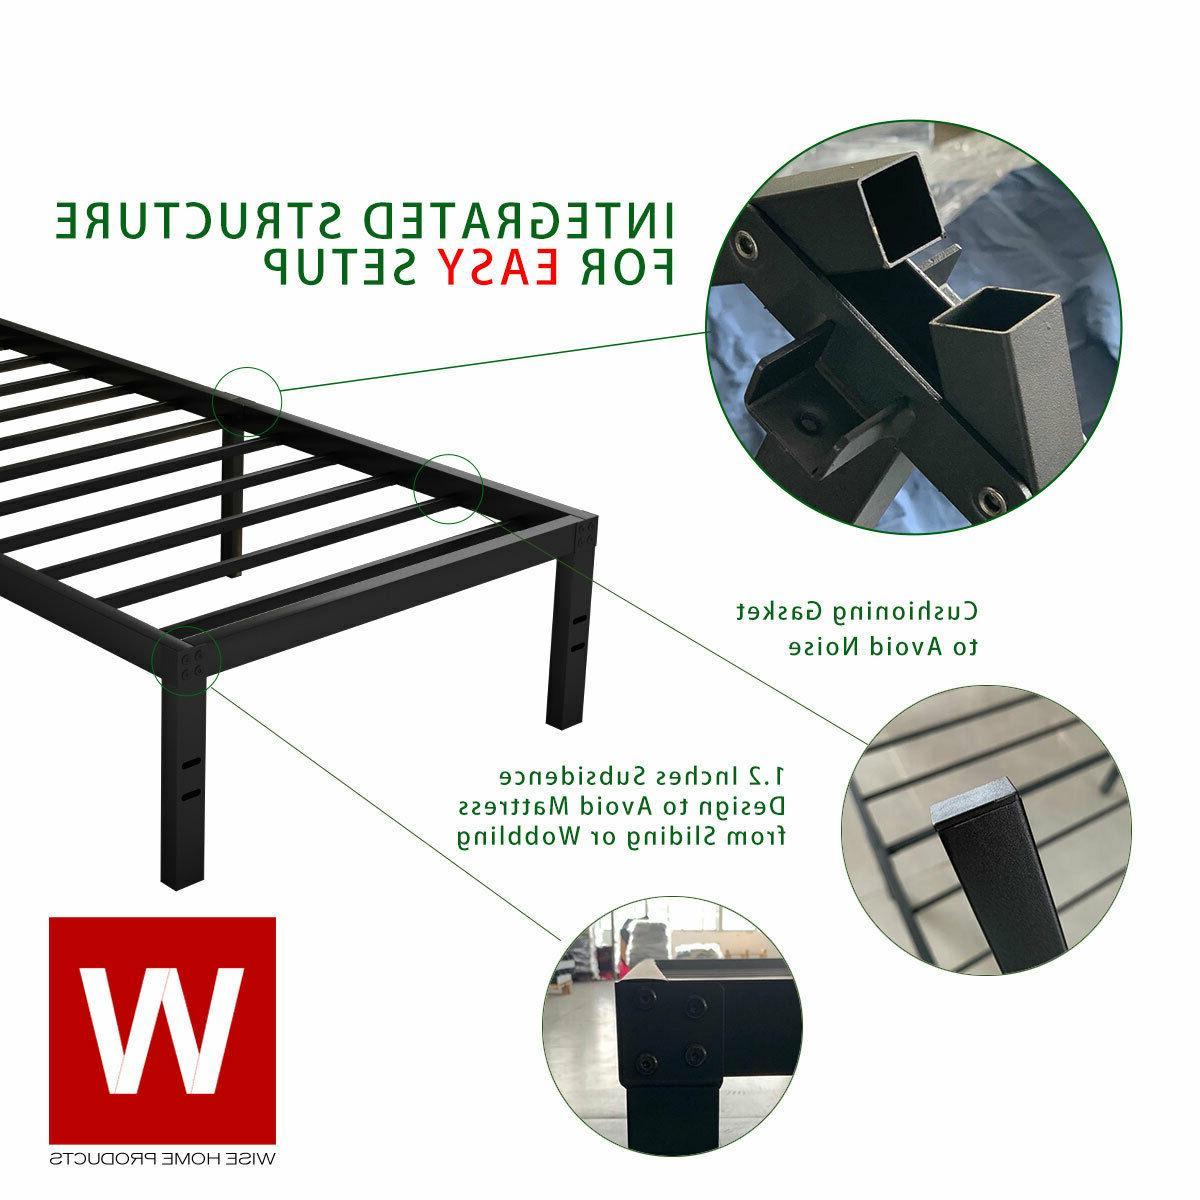 Full Frame - Platform Beds - Height